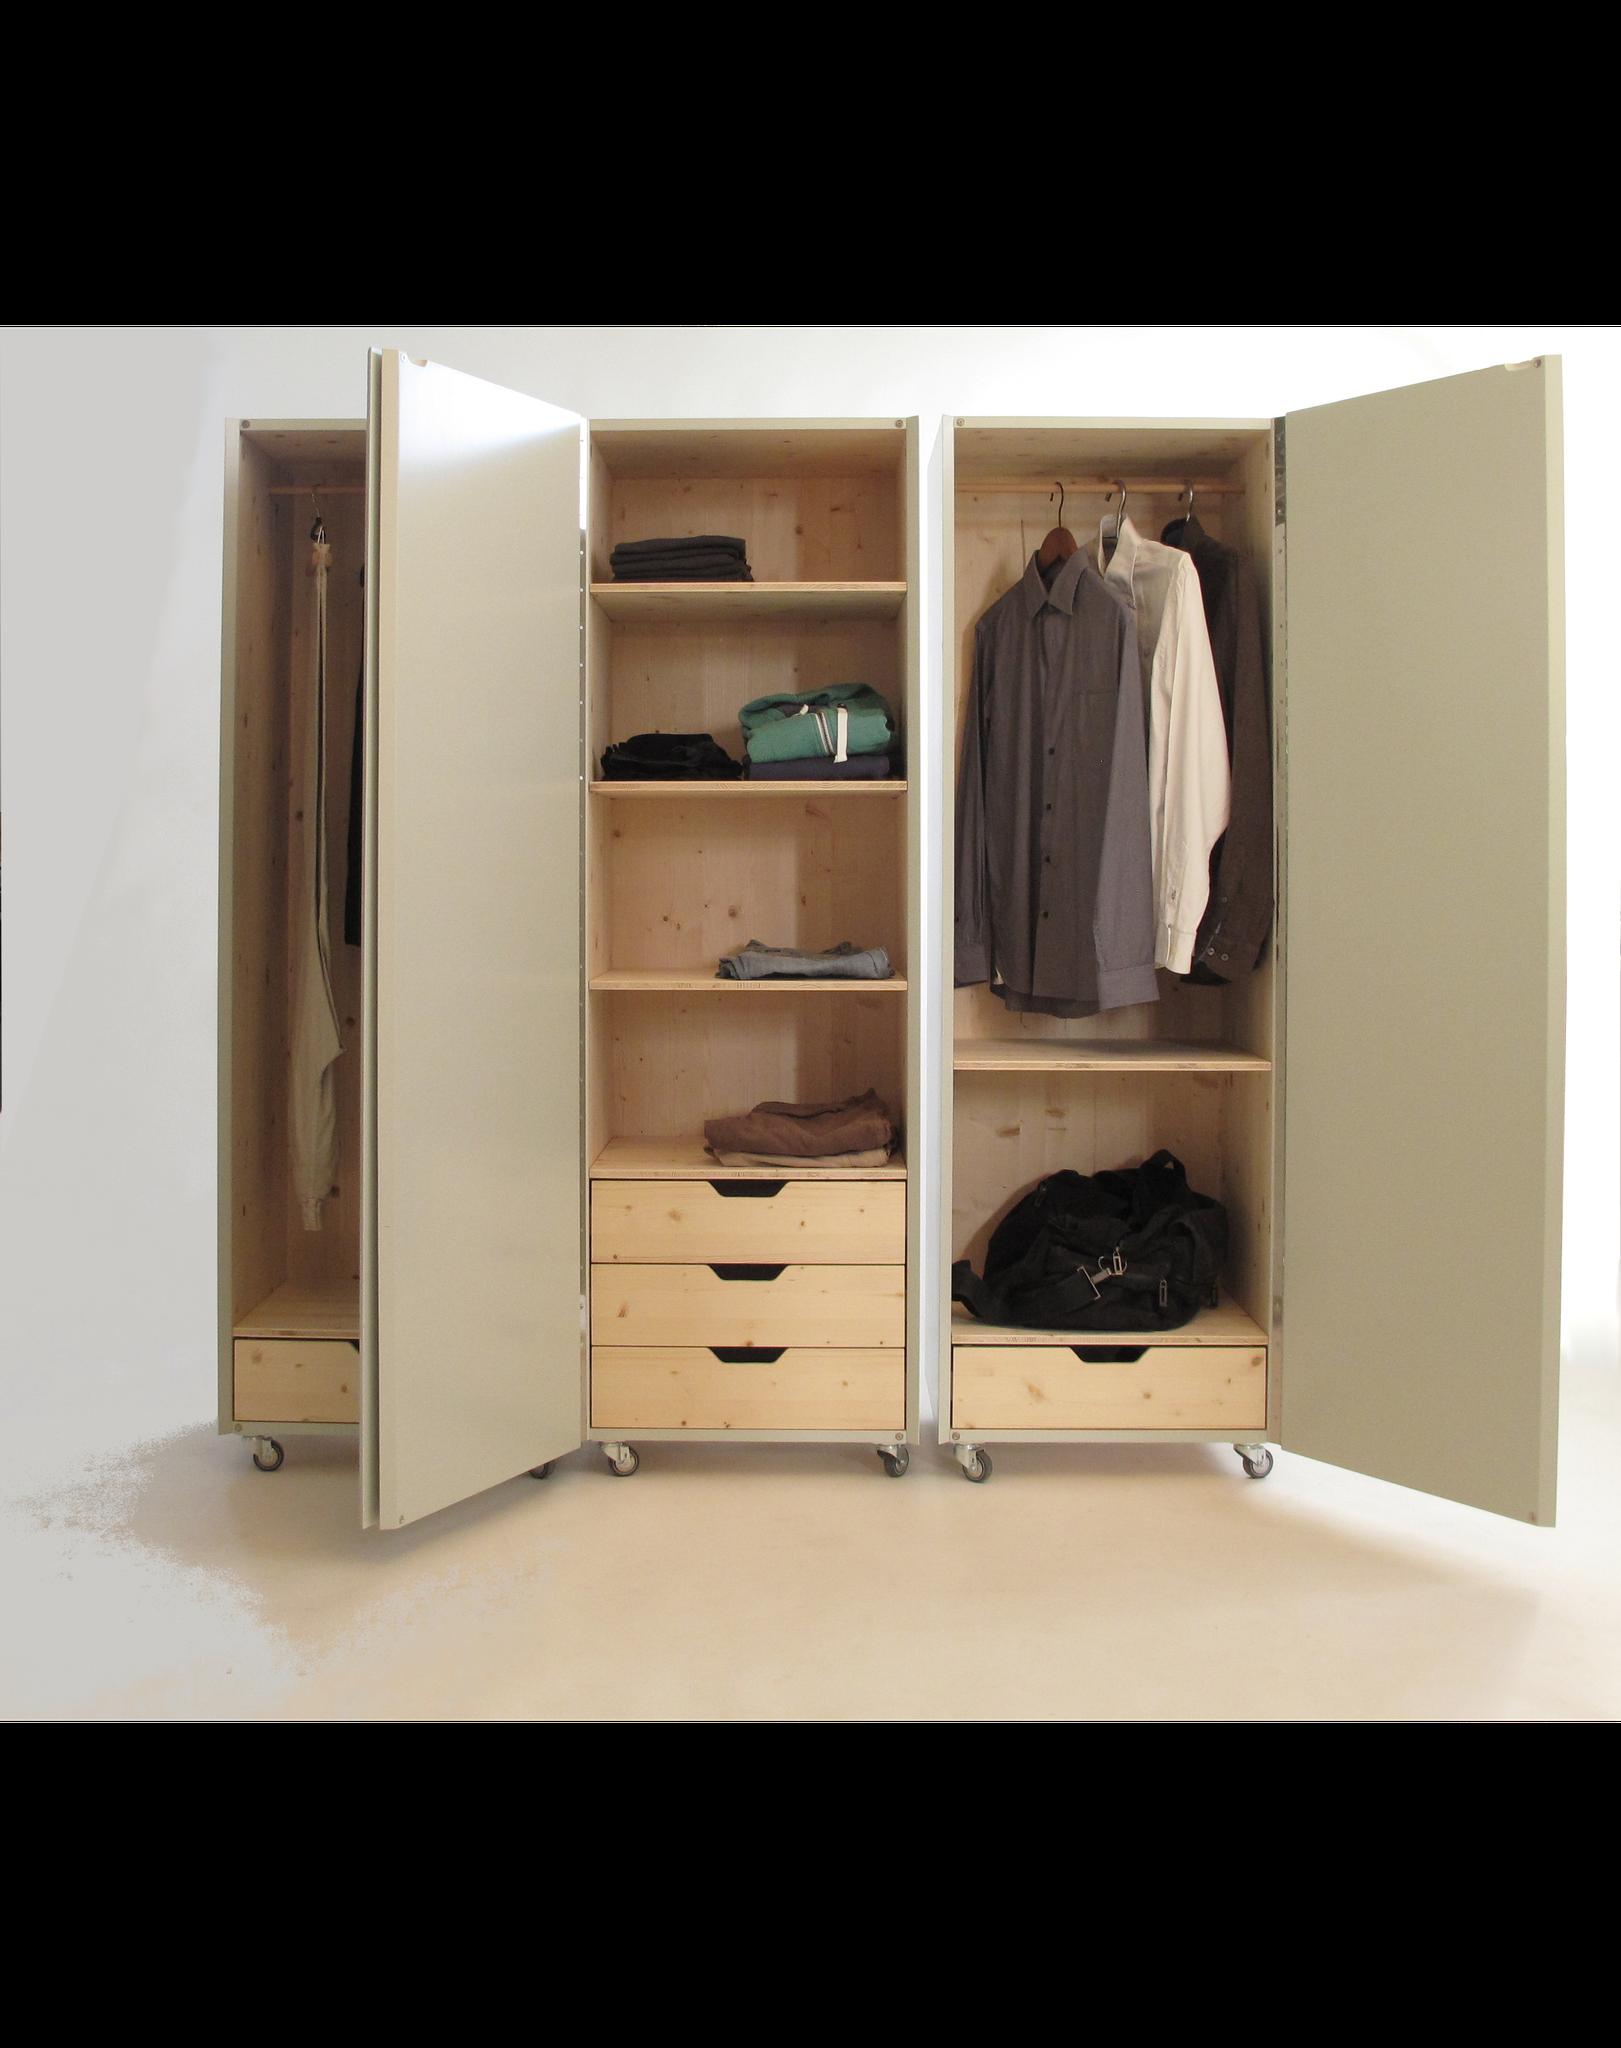 nachhaltige m bel zoll raum nachhaltige m bel rotkreuz. Black Bedroom Furniture Sets. Home Design Ideas